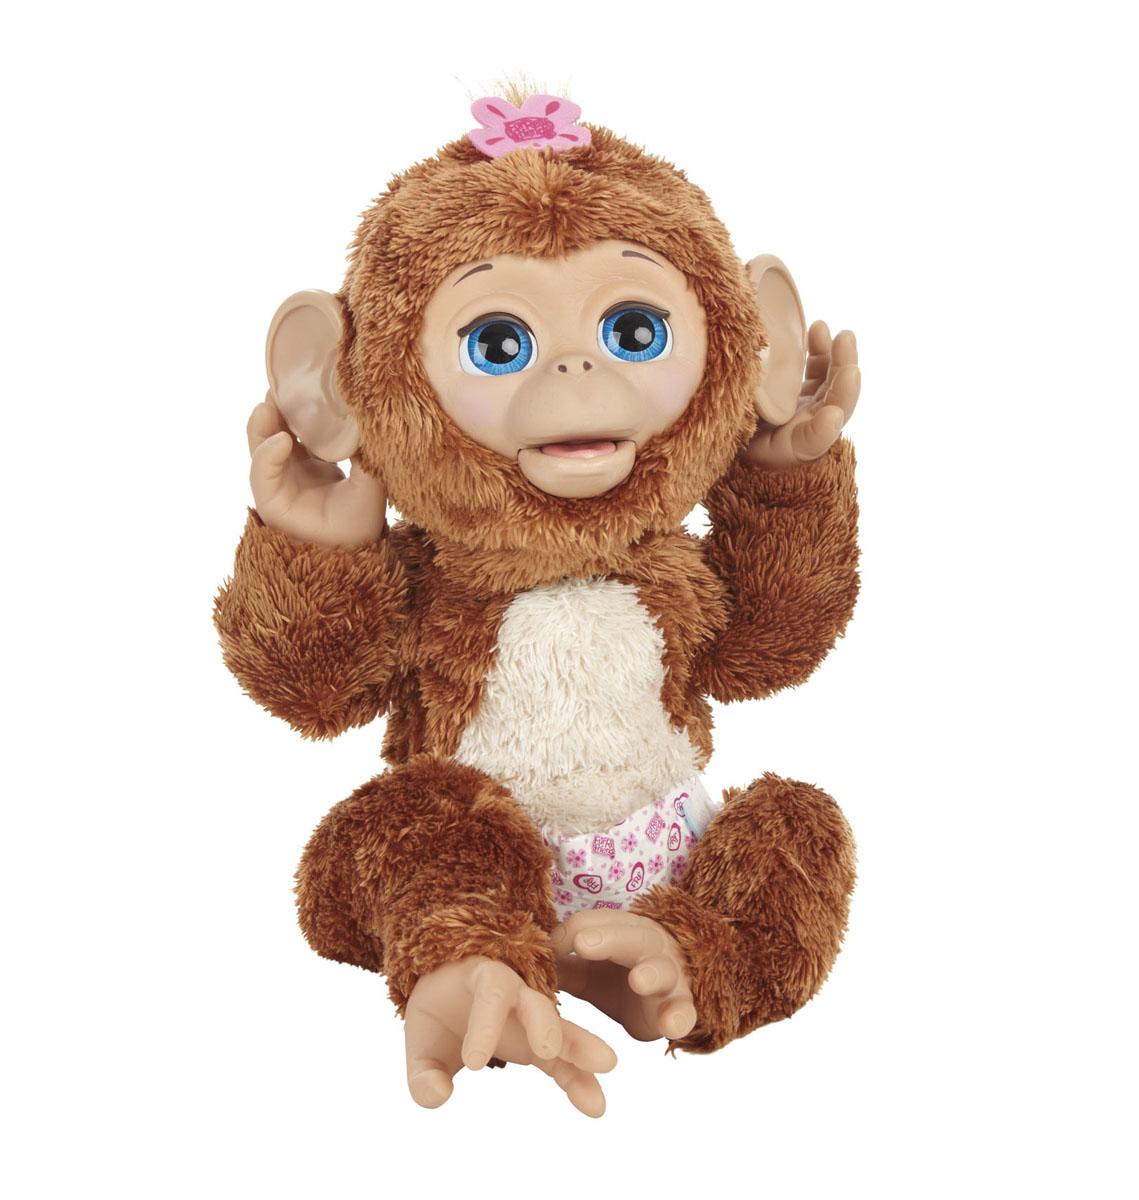 FurReal Friends Интерактивная игрушка Смешливая обезьянкаA1650E24Анимированная игрушка FurReal Friends Смешливая обезьянка привлечет внимание не только ребенка, но и взрослого. Эта симпатичная коричневая обезьянка с большими голубыми глазками и розовым цветочком на голове очень любит, когда ее начинают щекотать, при этом она весело смеется. Обезьянка двигает губами, когда ее кормят из бутылочки, выполненной в виде банана. После кормления важно поменять подгузник. Покачав обезьянку на руках, можно увидеть, как она закрывает глазки и засыпает. Ваш ребенок сможет заботиться о ней, как о настоящем малыше! Благодаря небольшому размеру игрушку можно брать с собой в гости или на прогулку.